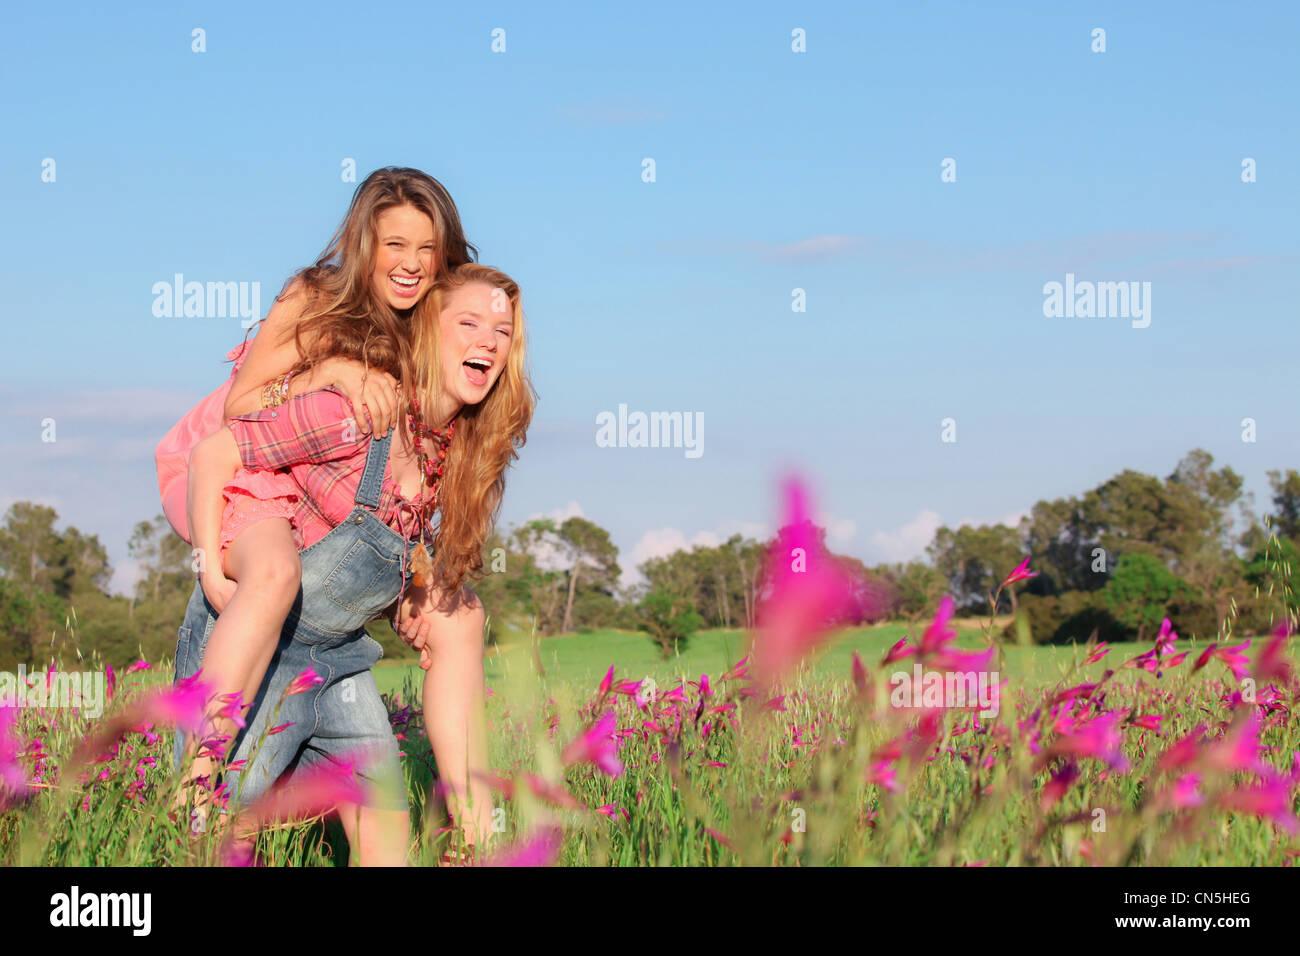 Sonriente, feliz primavera o verano piggy back adolescentes o adolescentes niños Imagen De Stock